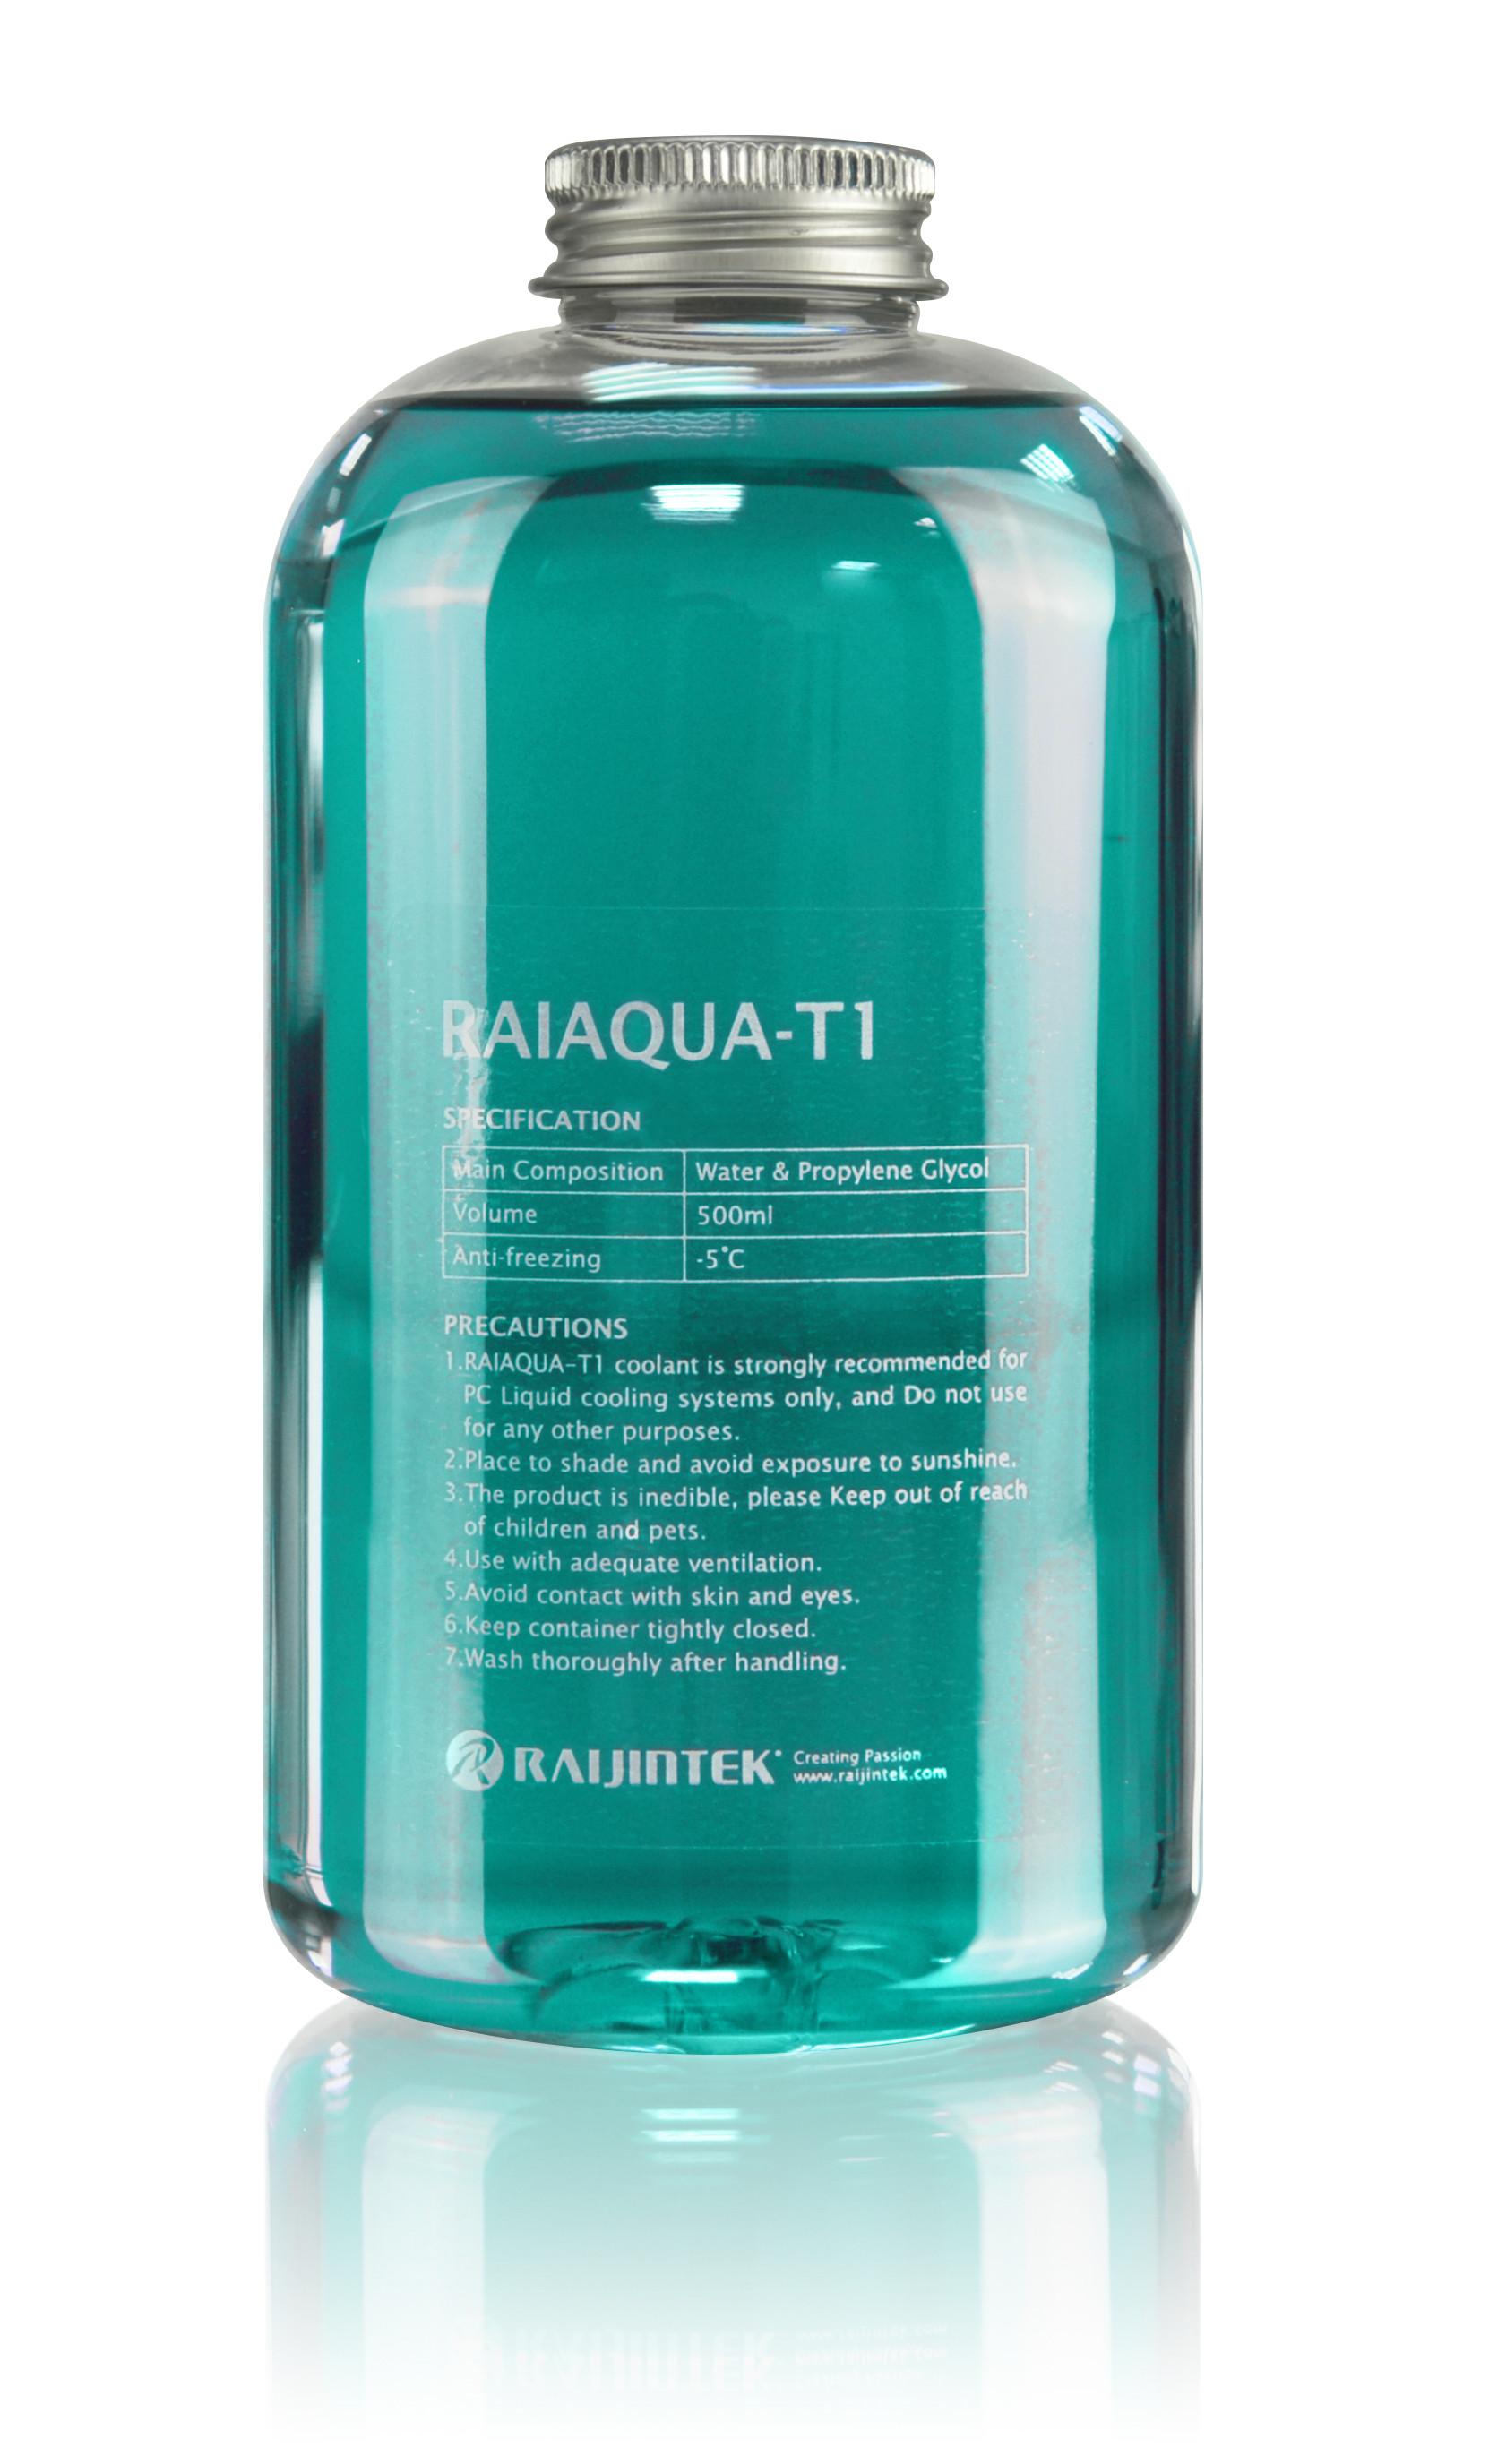 Raijintek Atlantis Line of DIY Watercooling Products Now